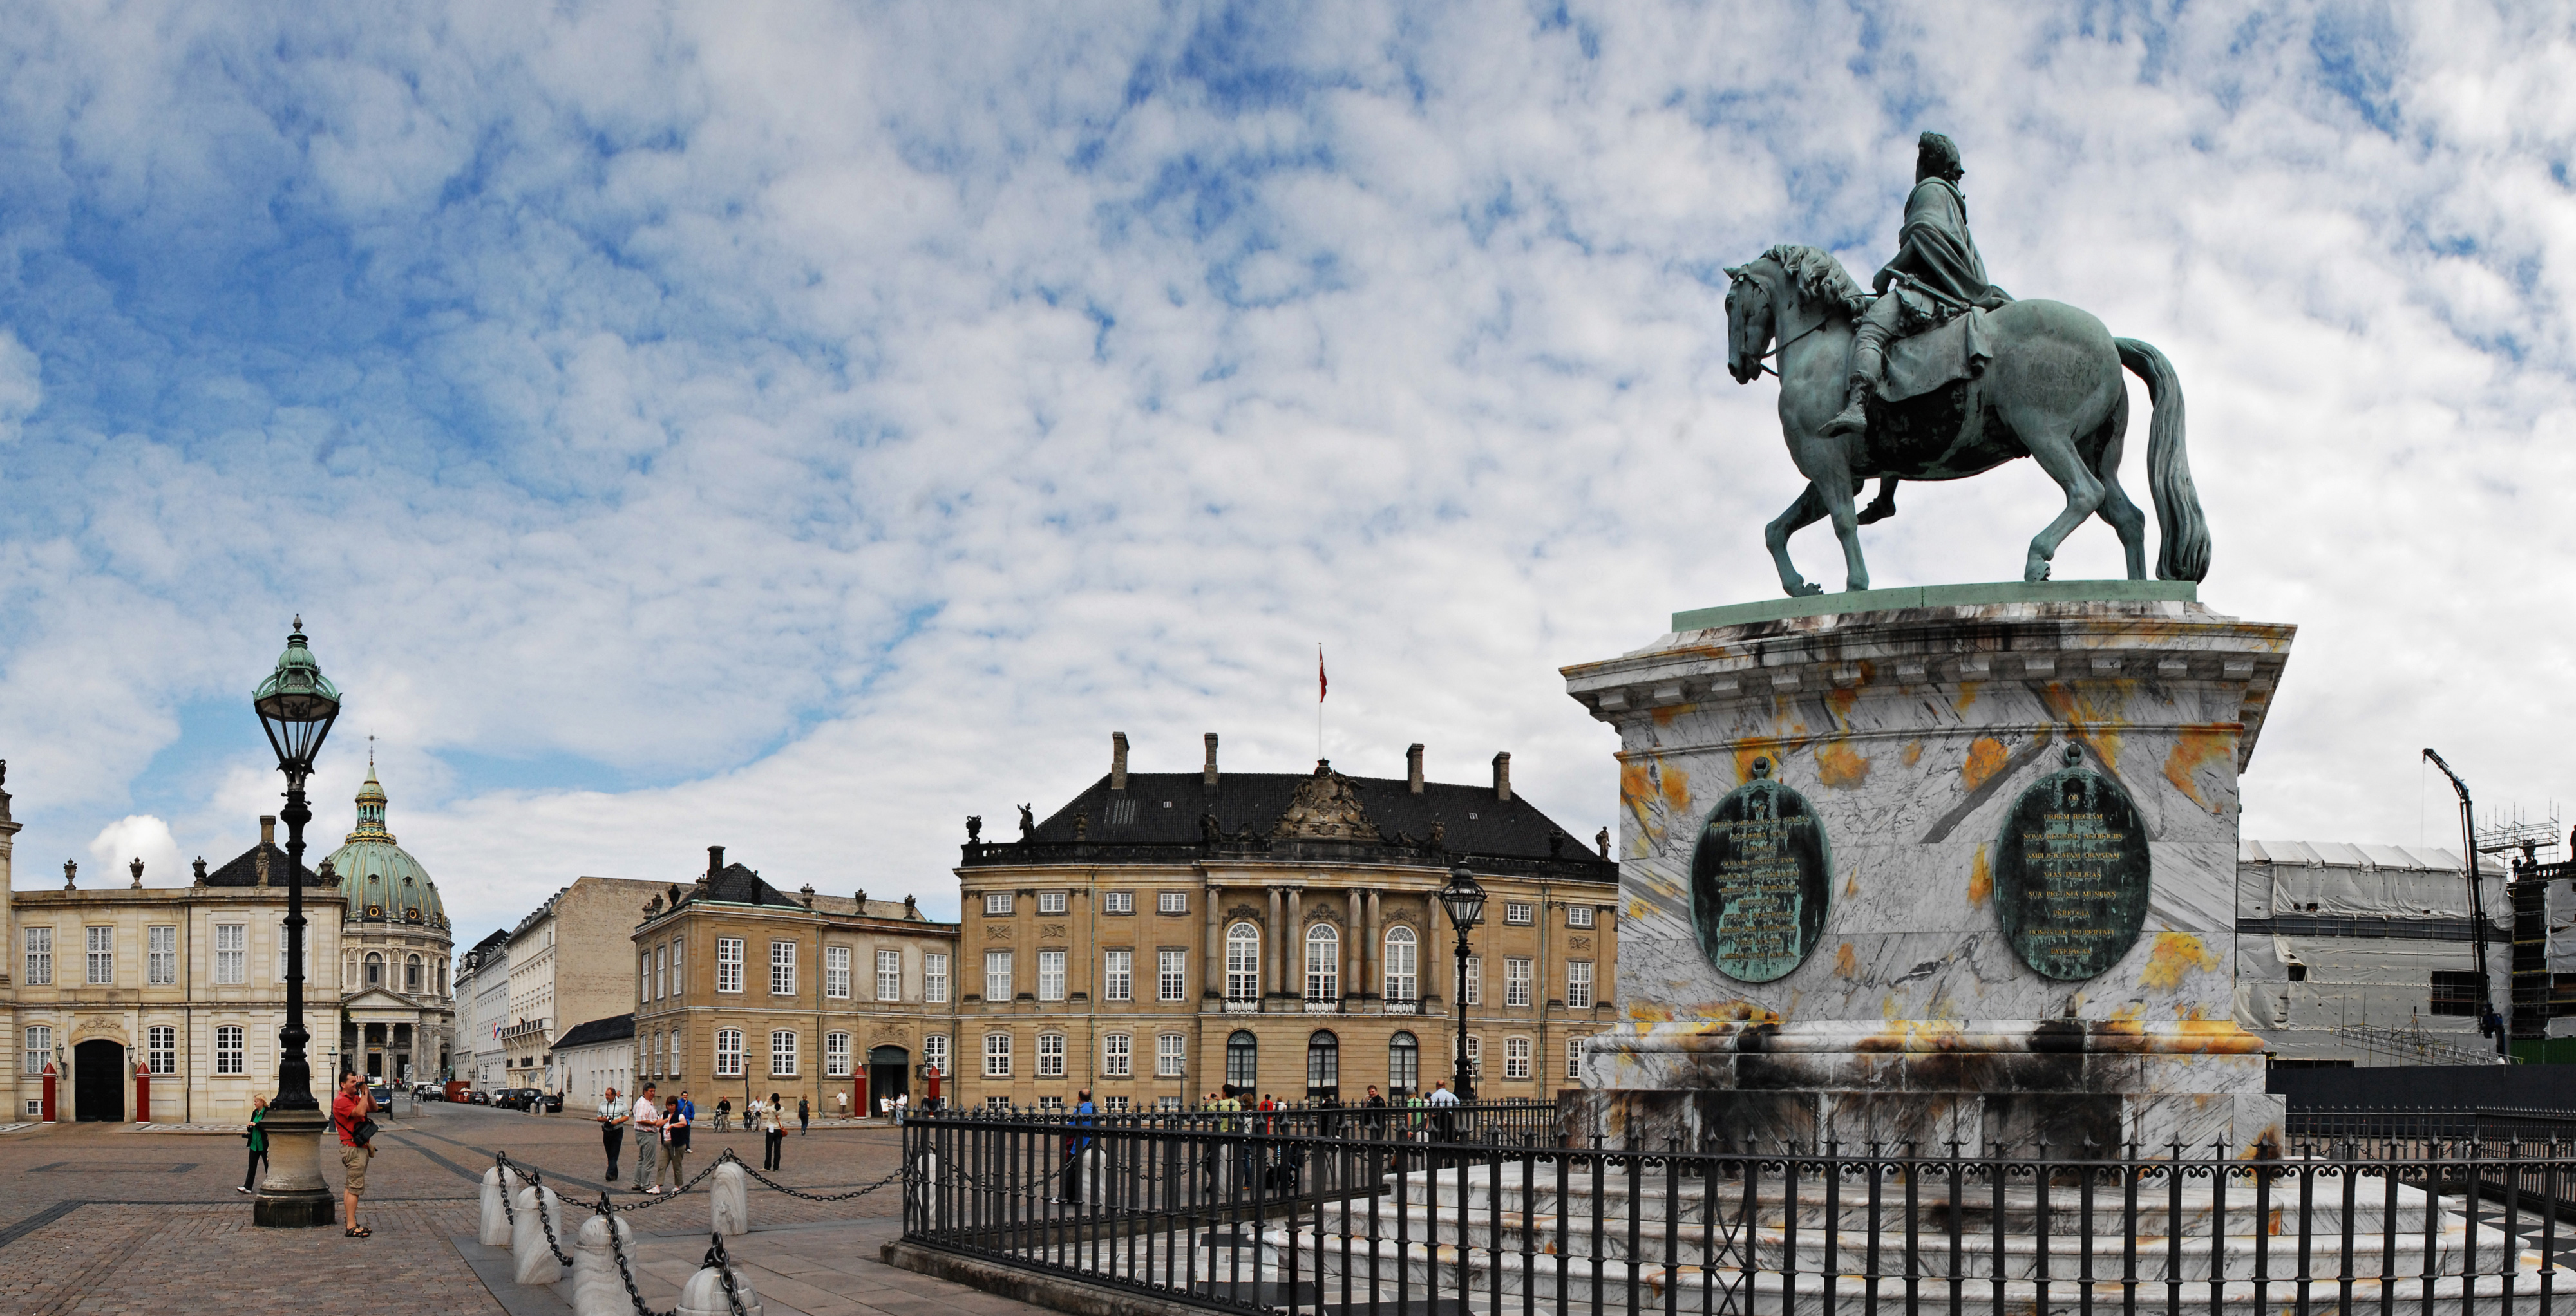 Pomnik w Amalienborg w Kopenhadze